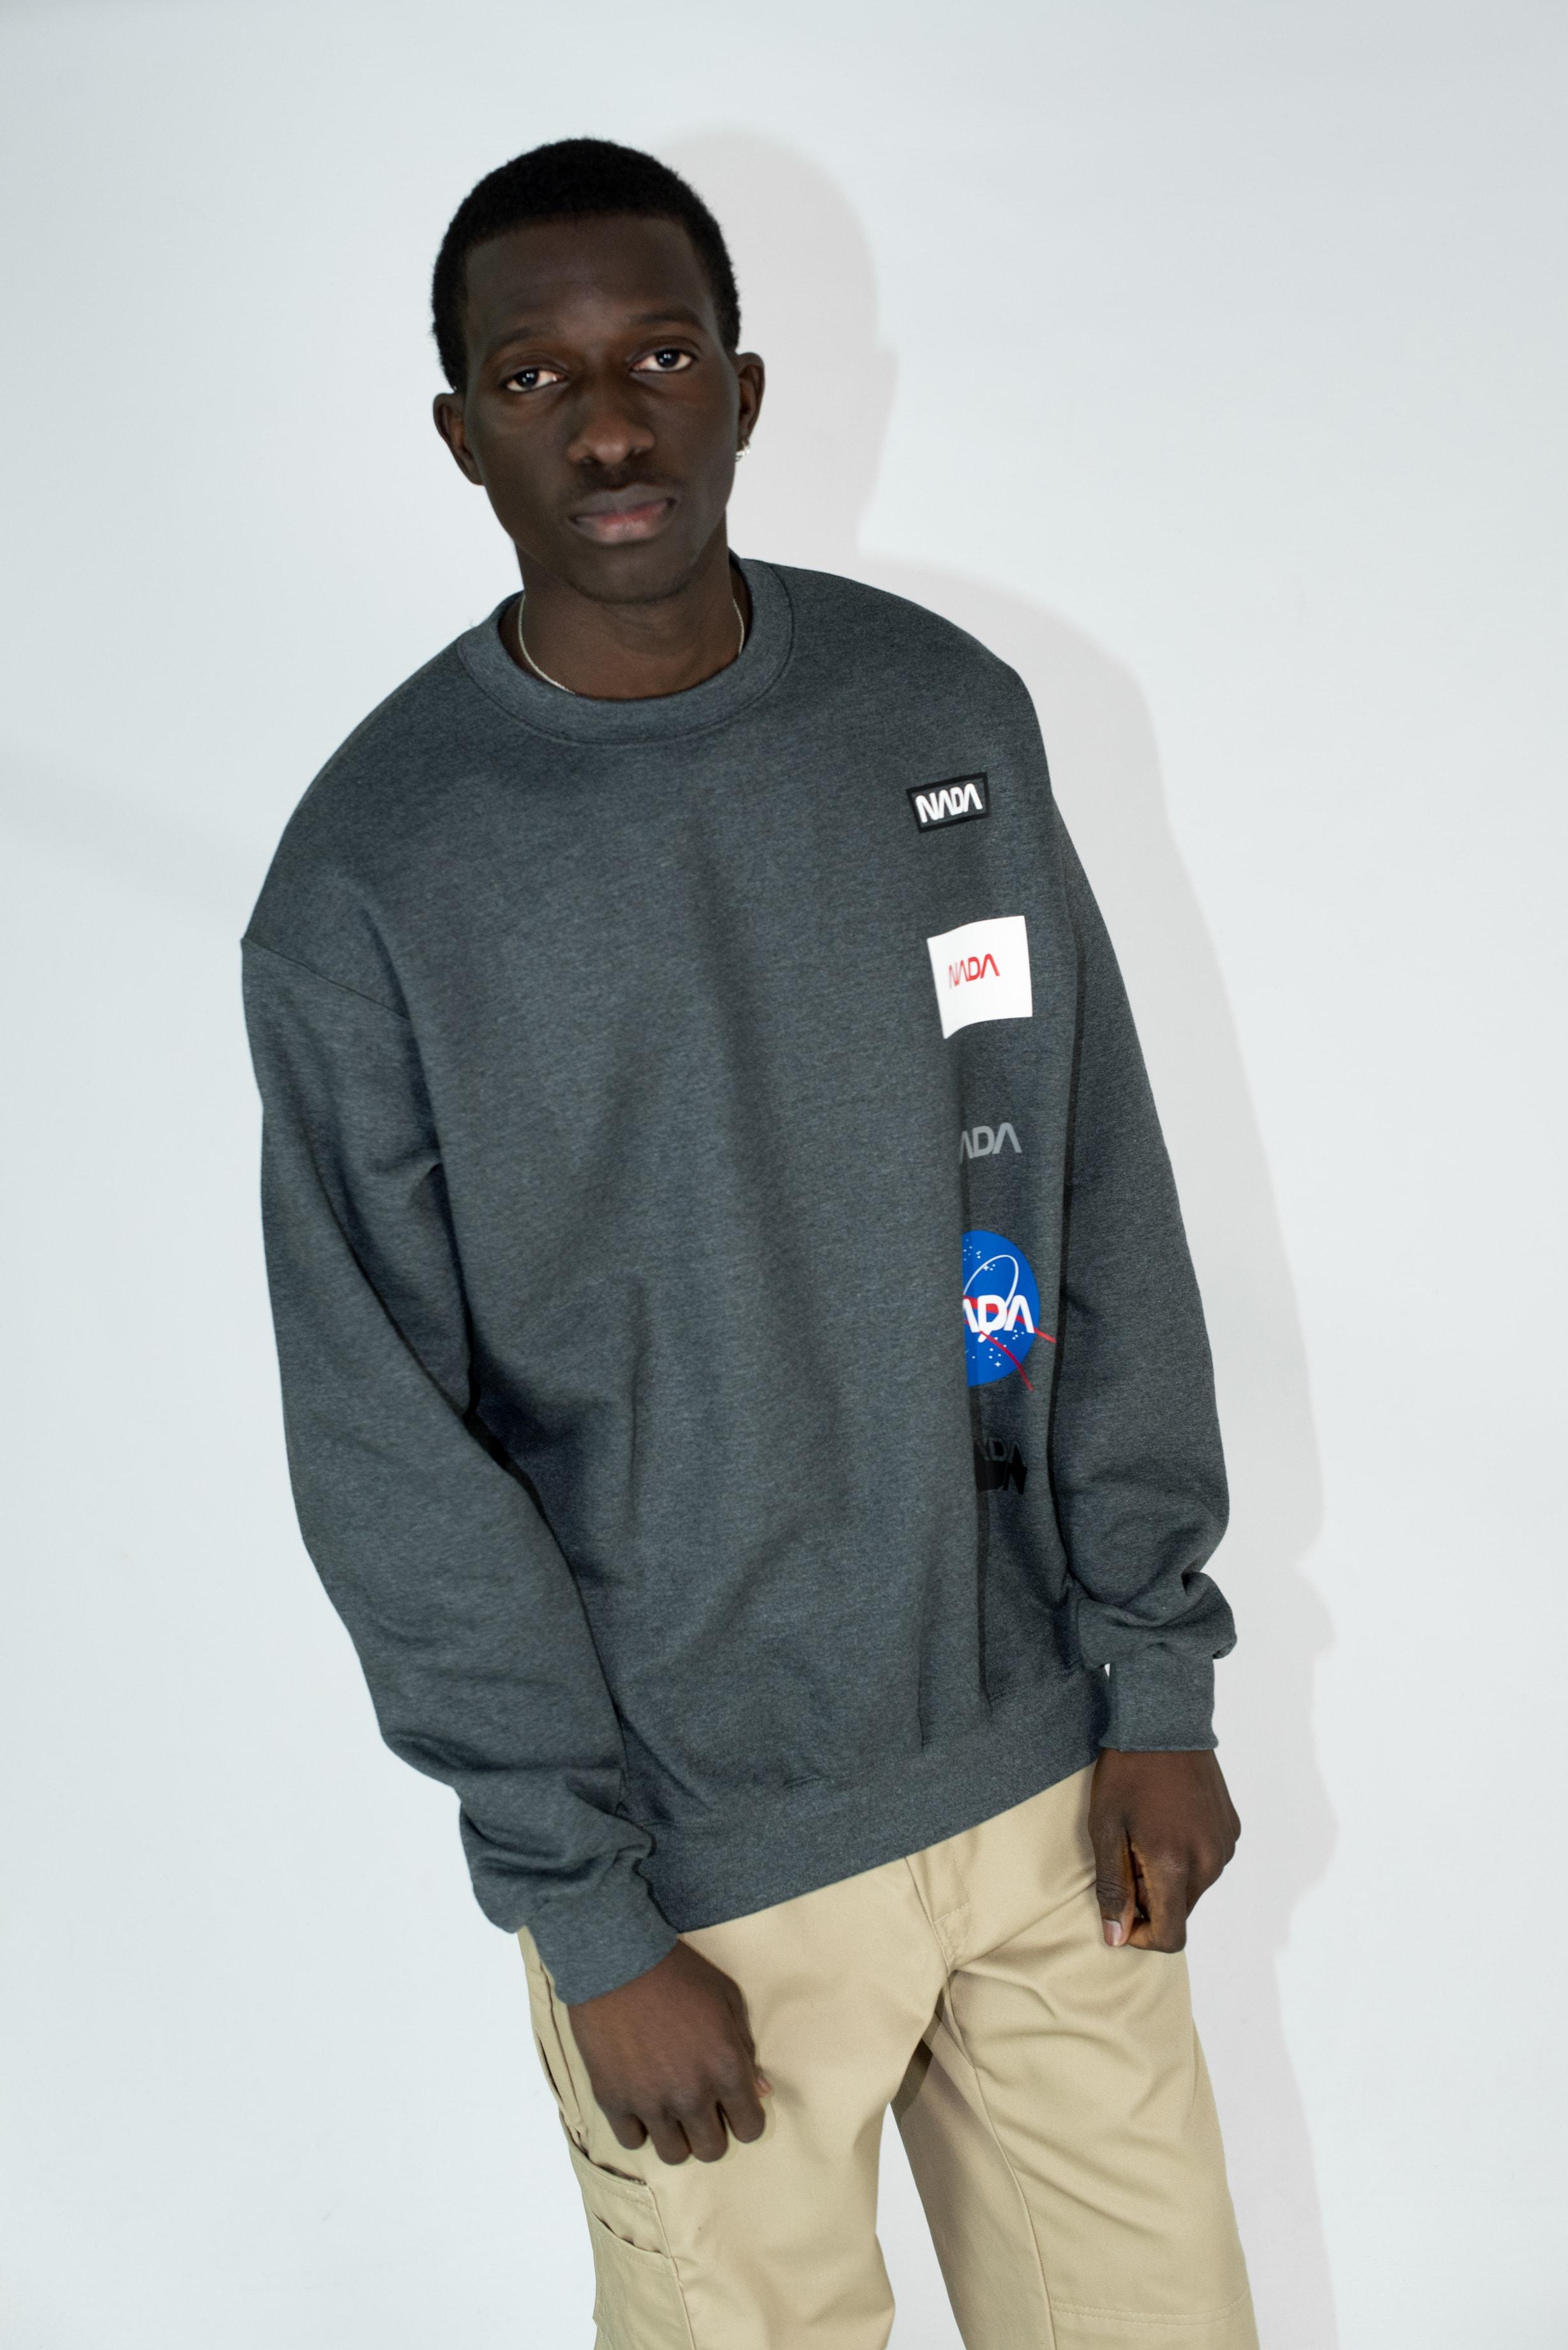 Trademarket ™️ - Sweatshirt - NADA Sweatshirt Front 2.jpg